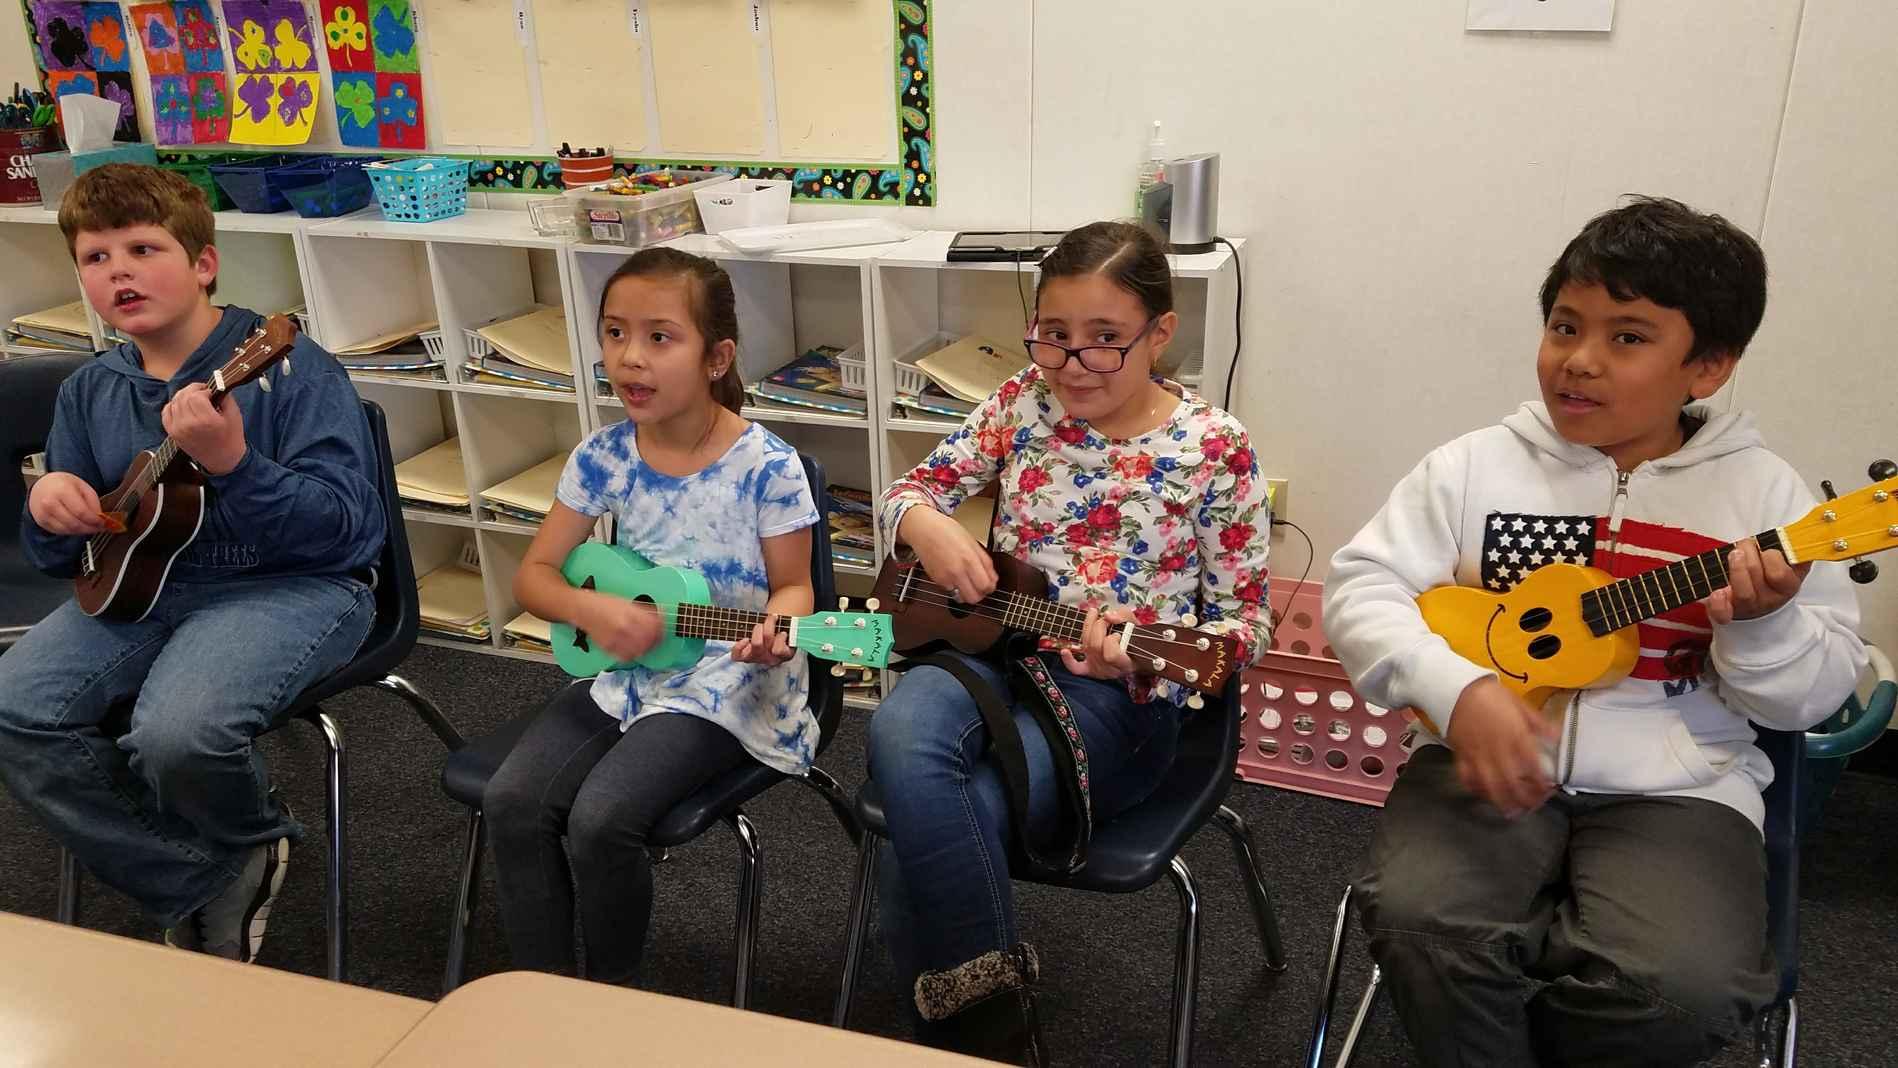 playing ukulele together